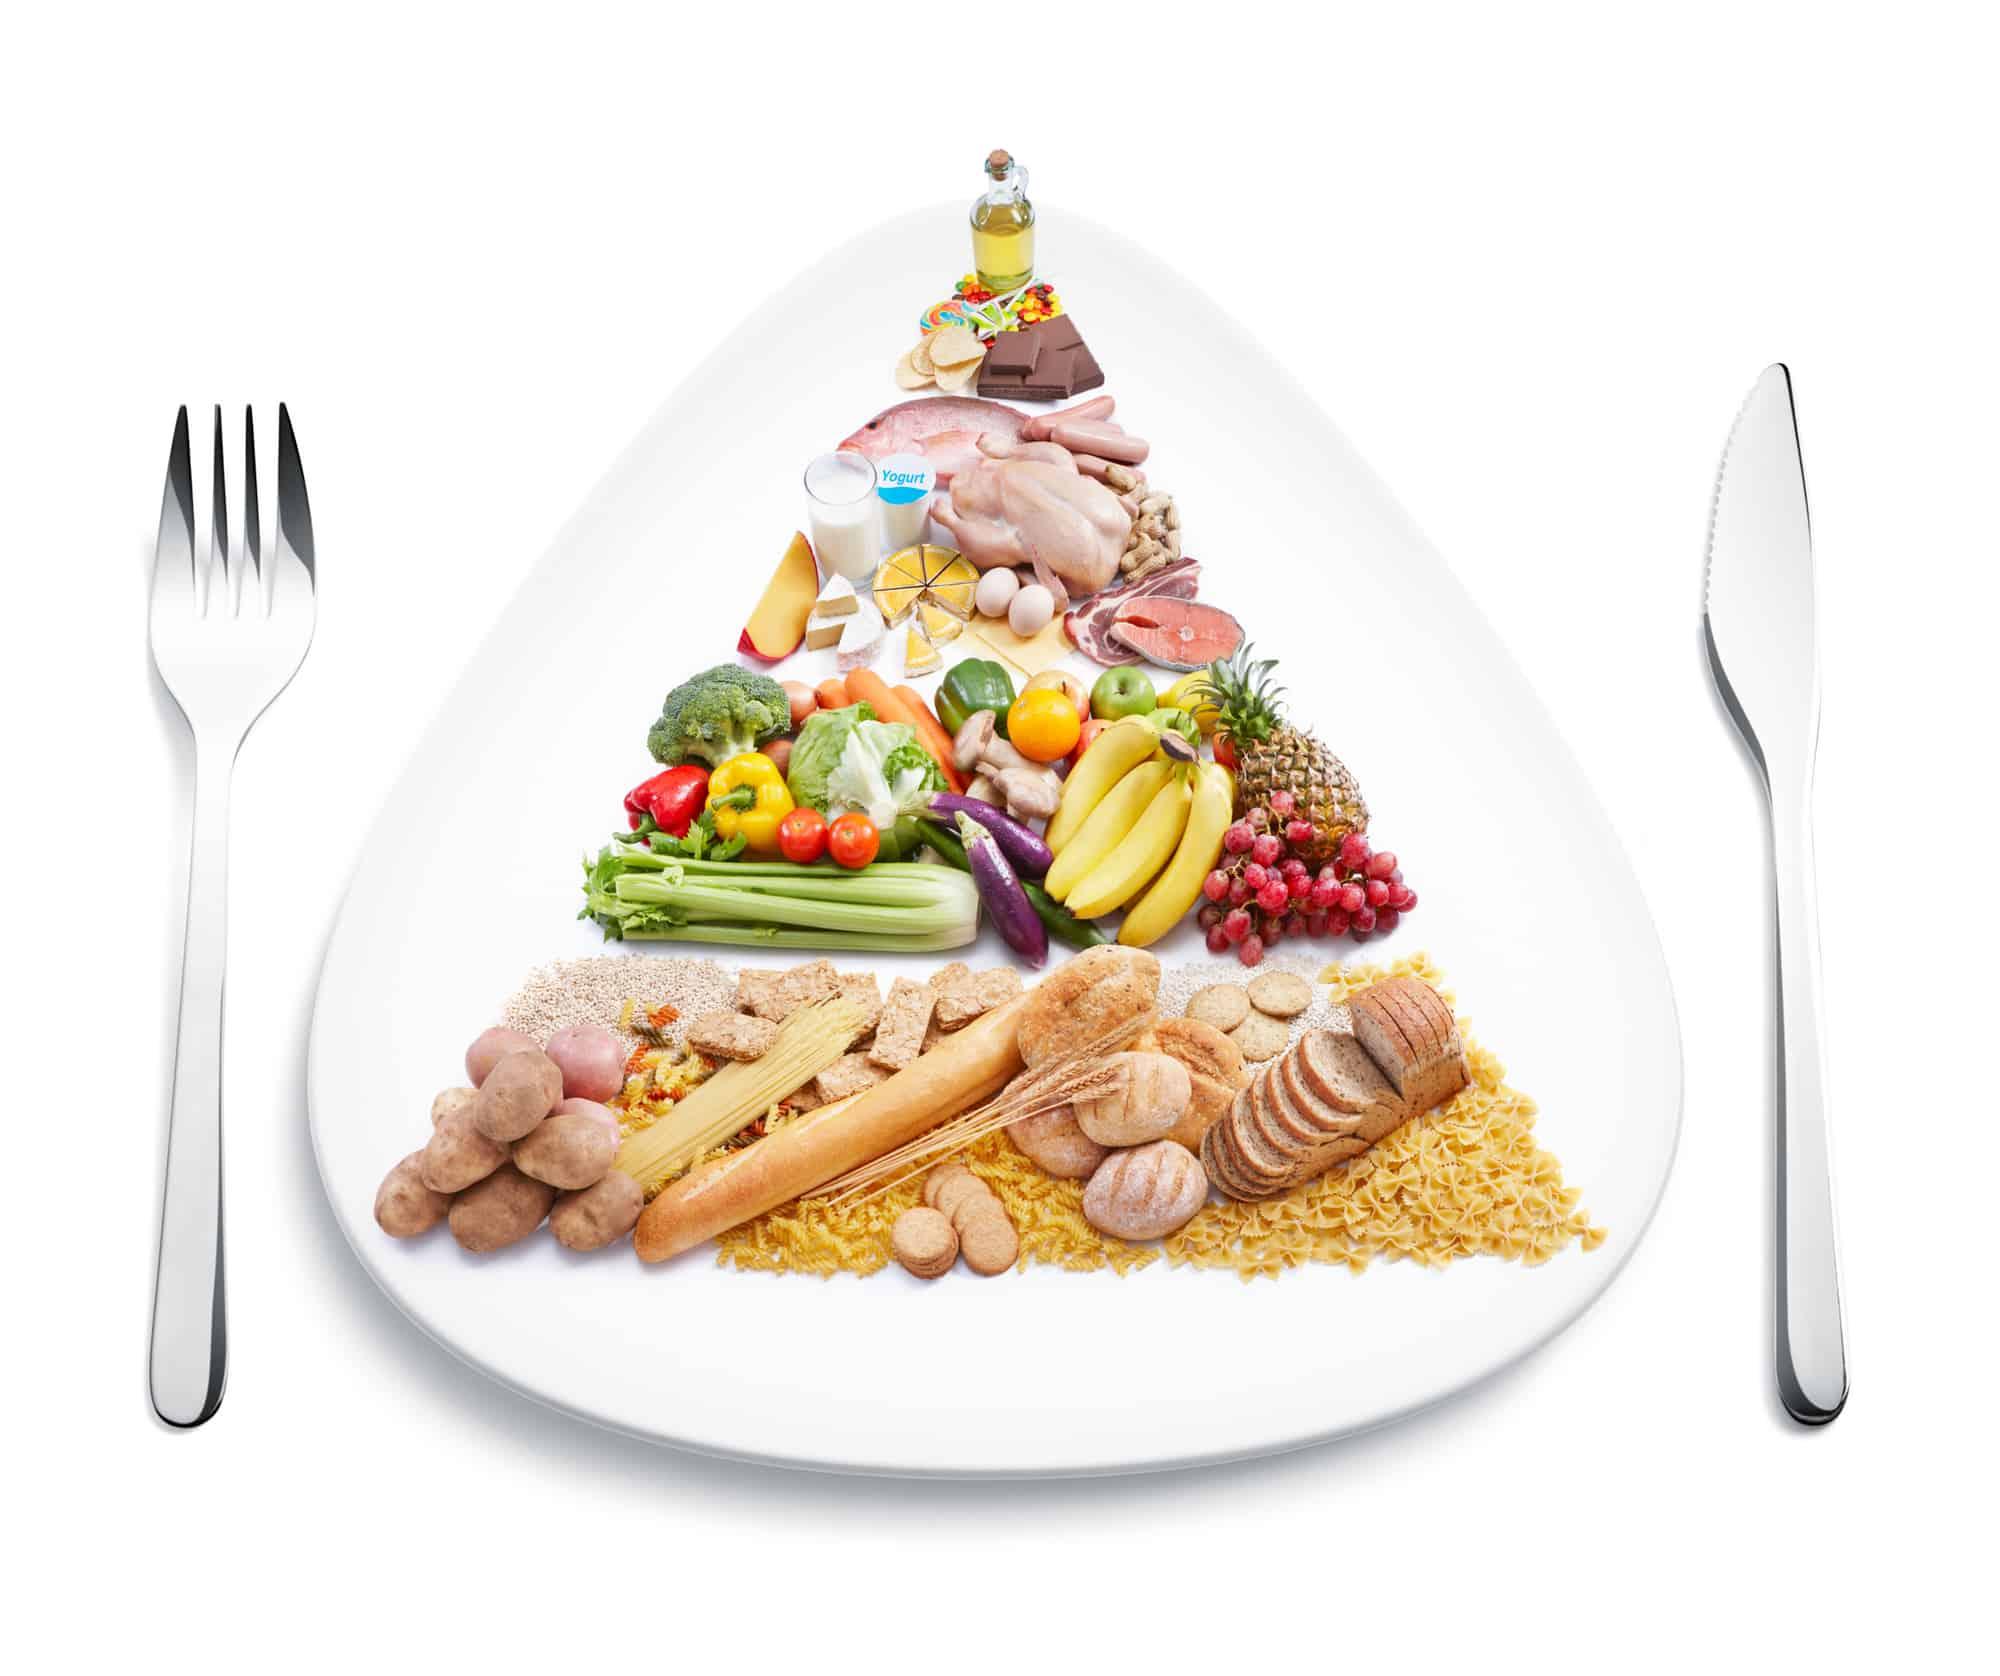 صورة نظام دايت , طرق خسارة الوزن سريعا بانظمه غذاء صحى